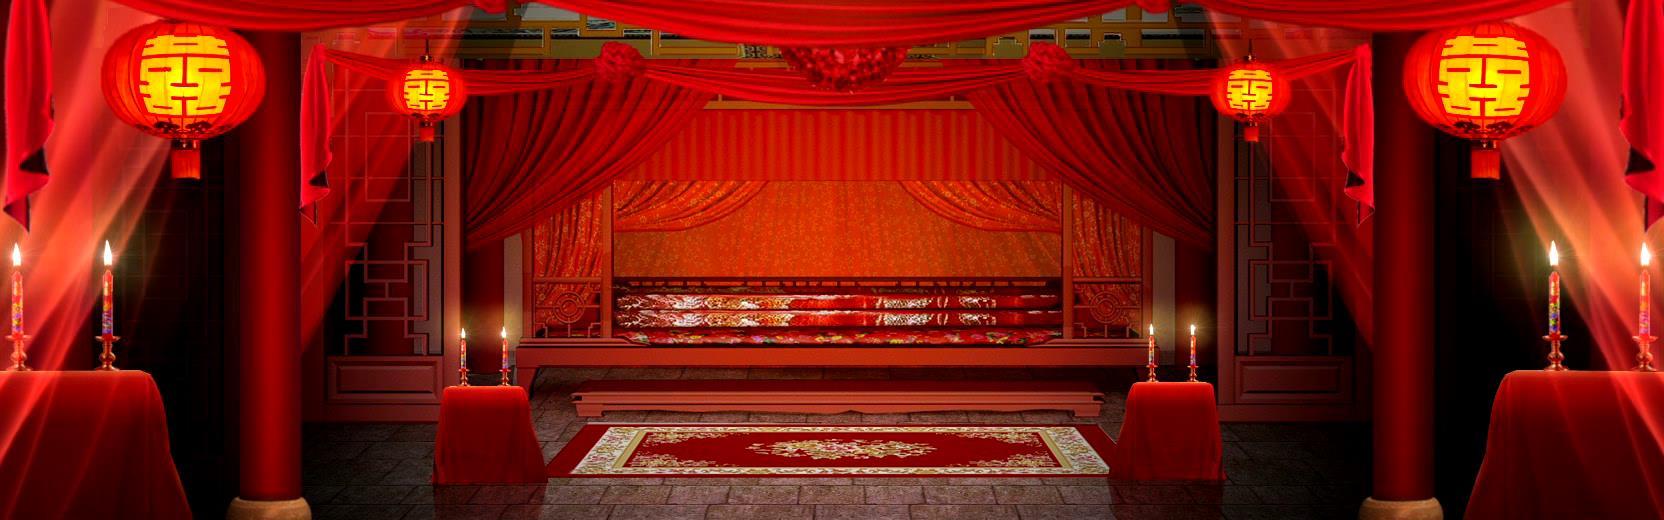 浪漫中国古代风婚礼婚庆背景板-视频-92素材网_ae模板